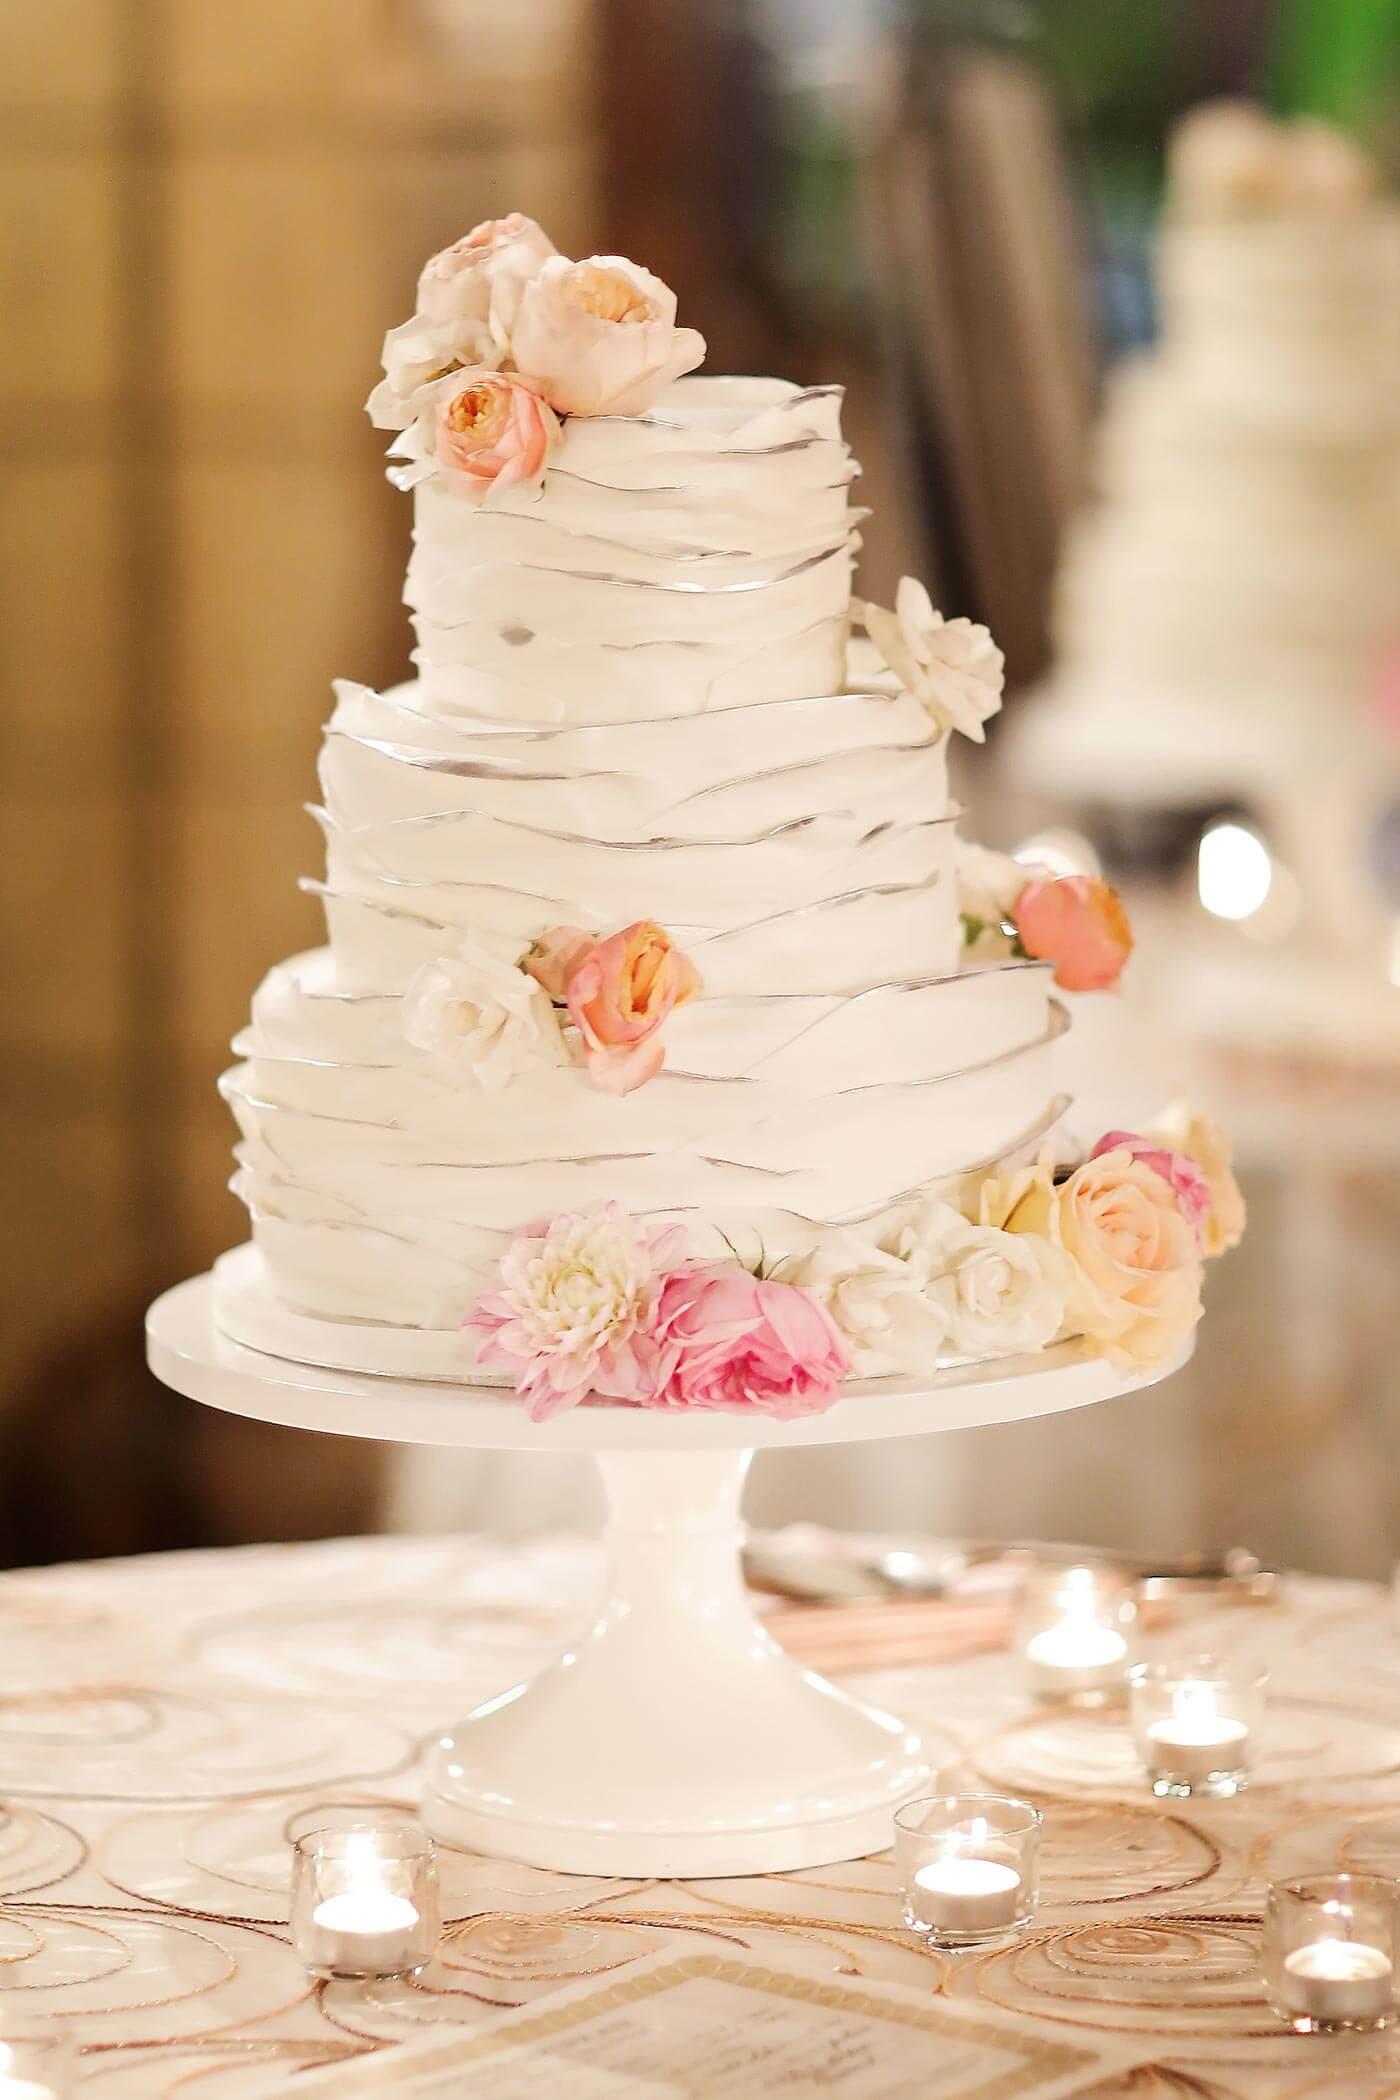 Hochzeitstorte in Pastelltönen